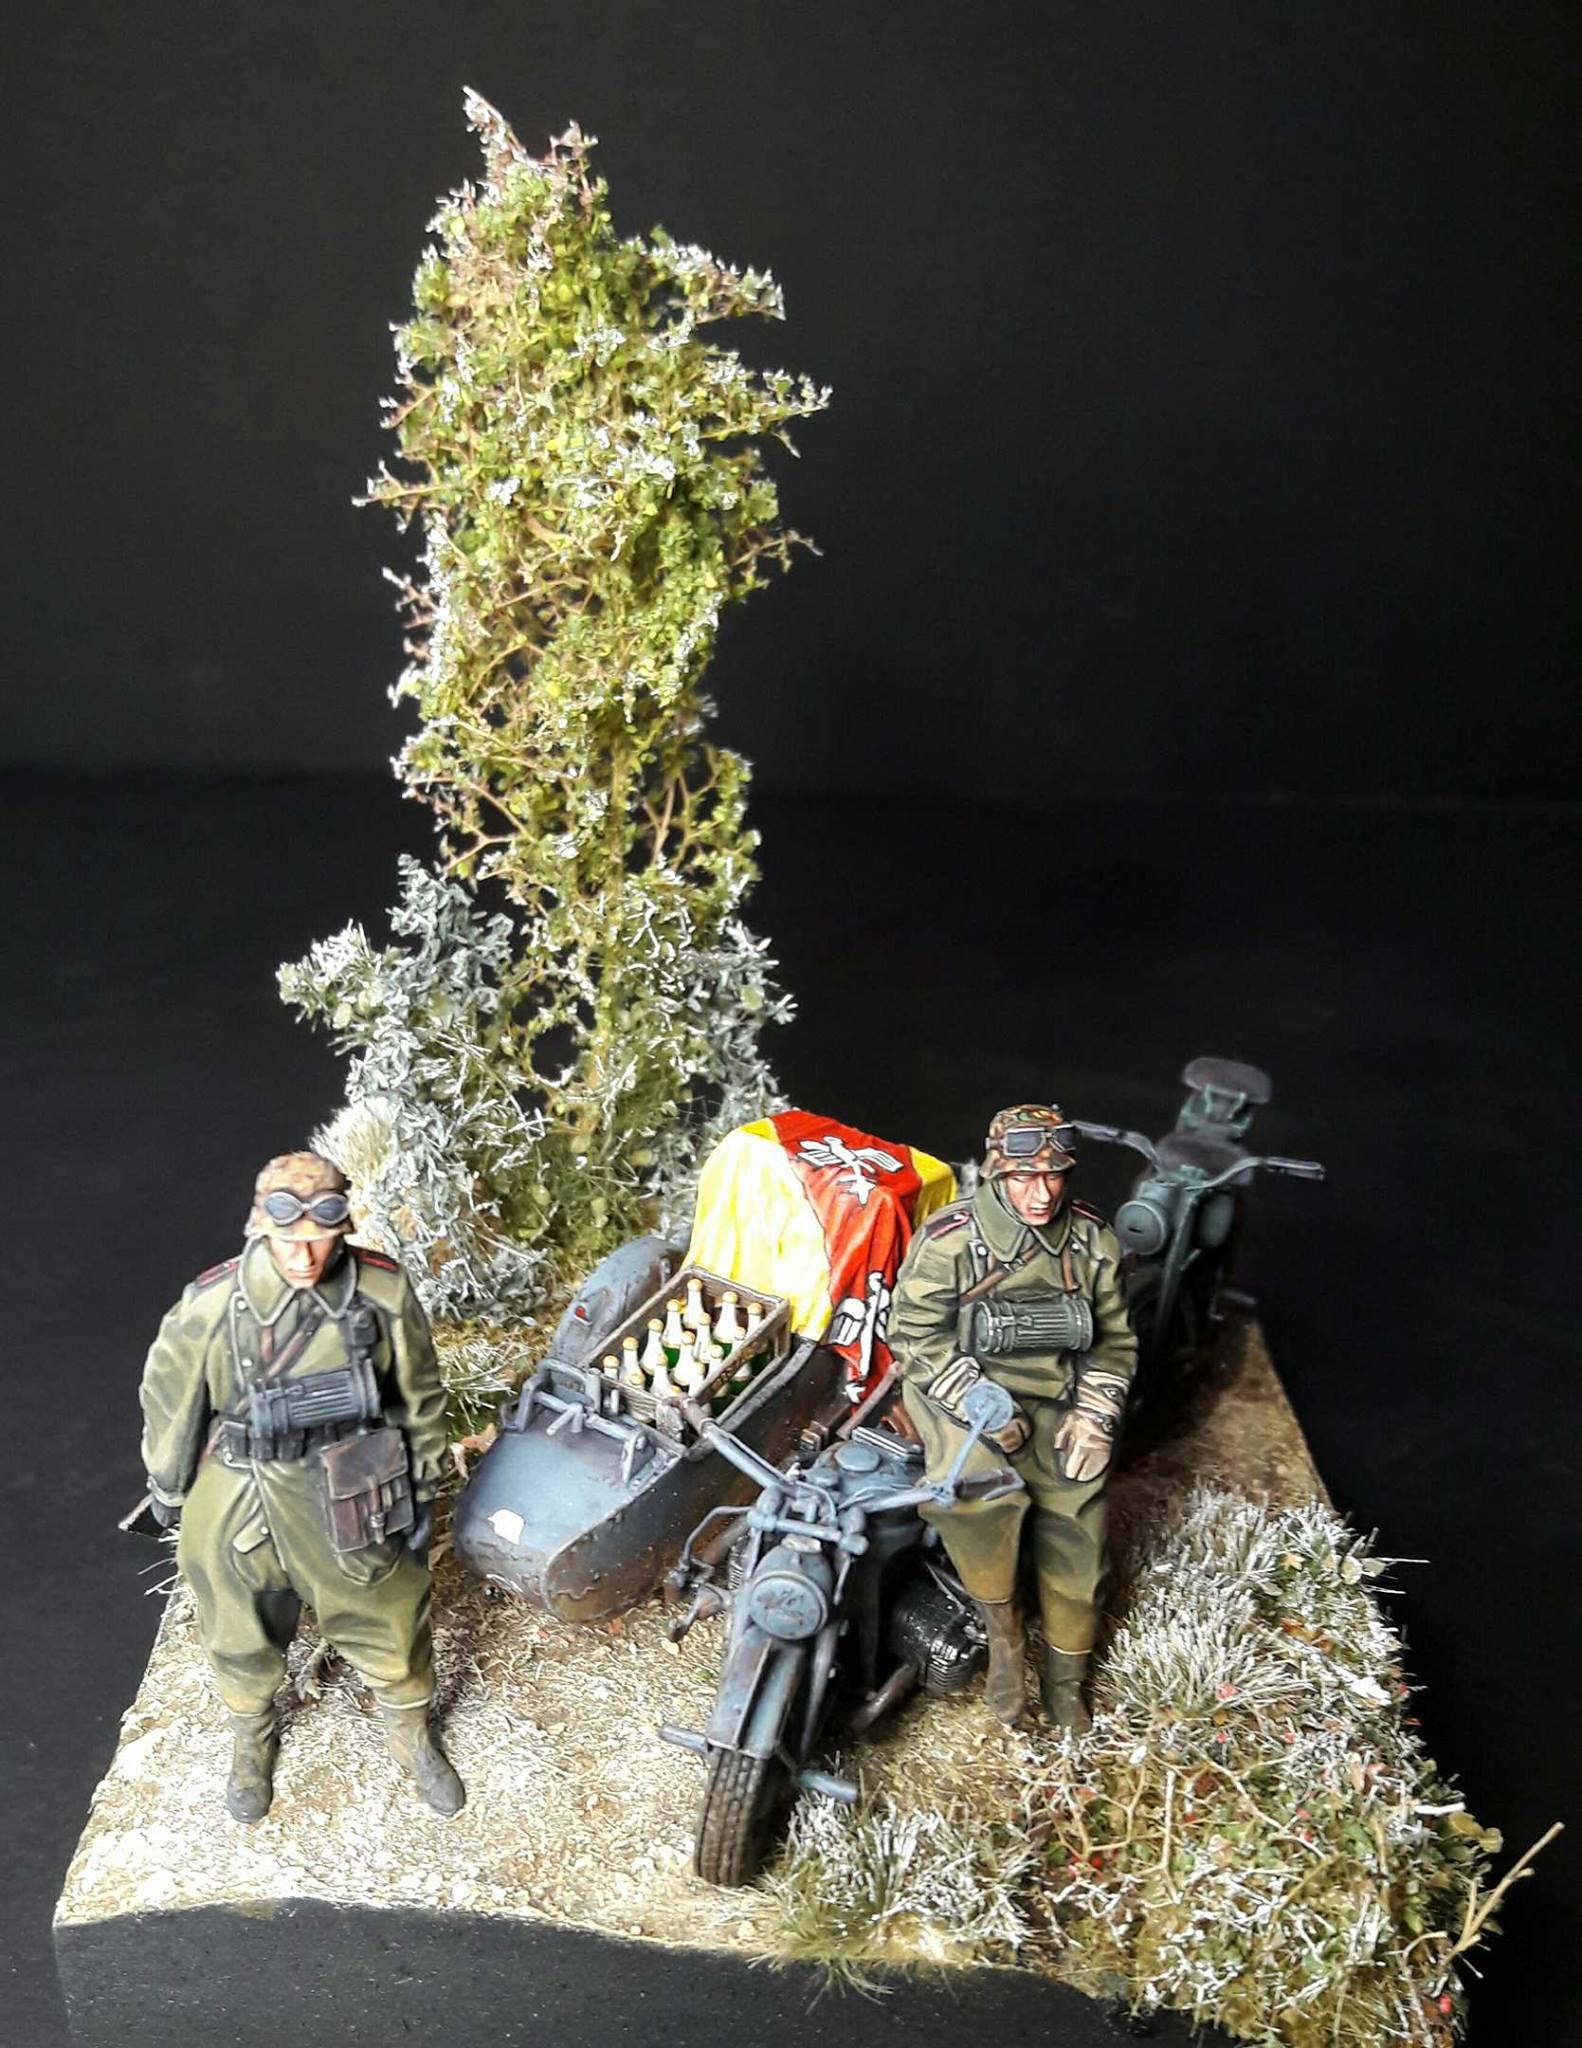 Zündapp KS750 - Sidecar - Great Wall Hobby + figurines Alpine - 1/35 - Page 5 14112220049407102118058490762121377487445o